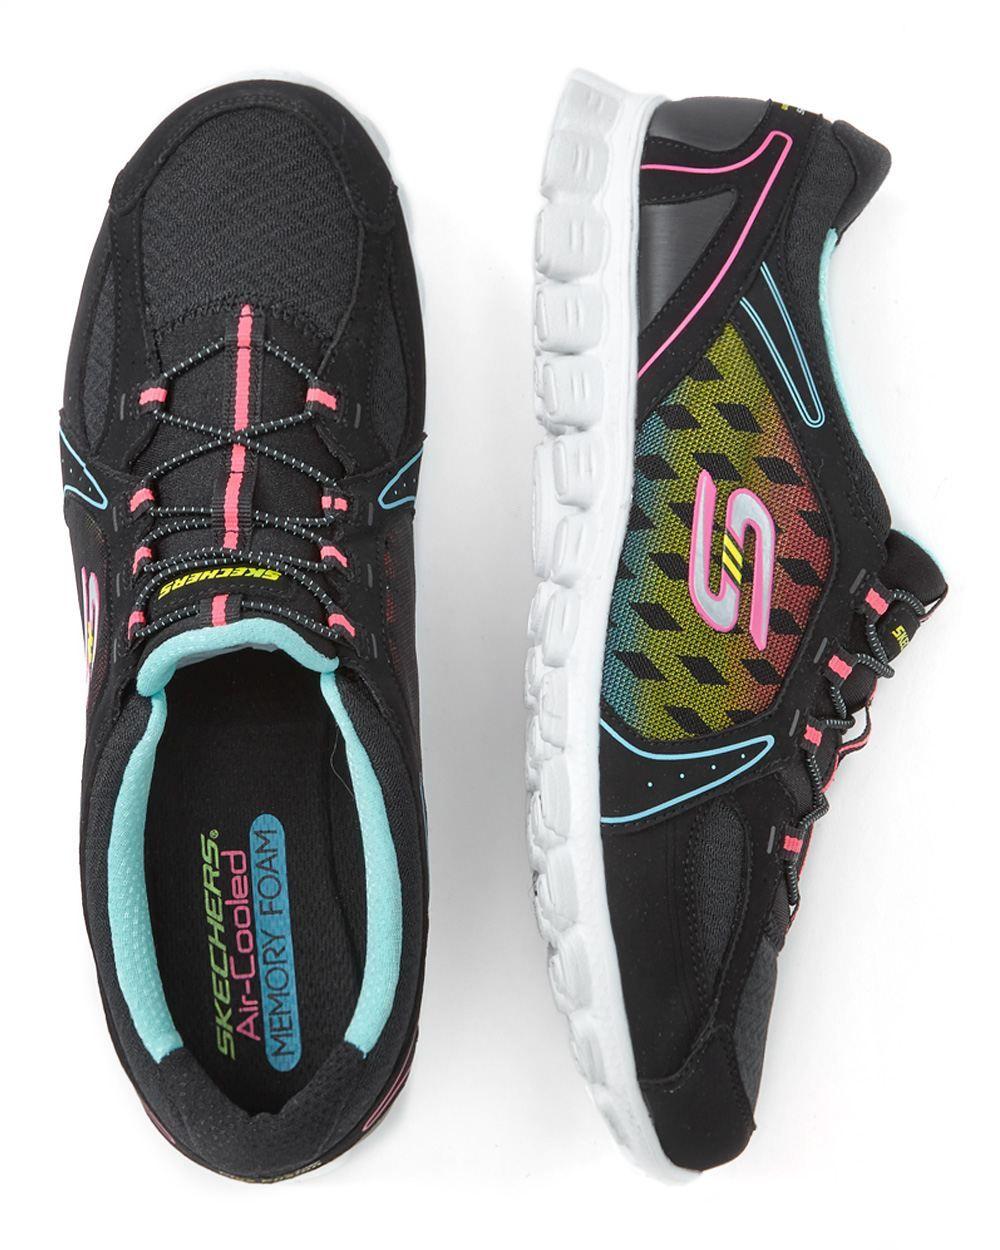 2a94801d0db6 Skechers Wide-Width Slip On Sneakers